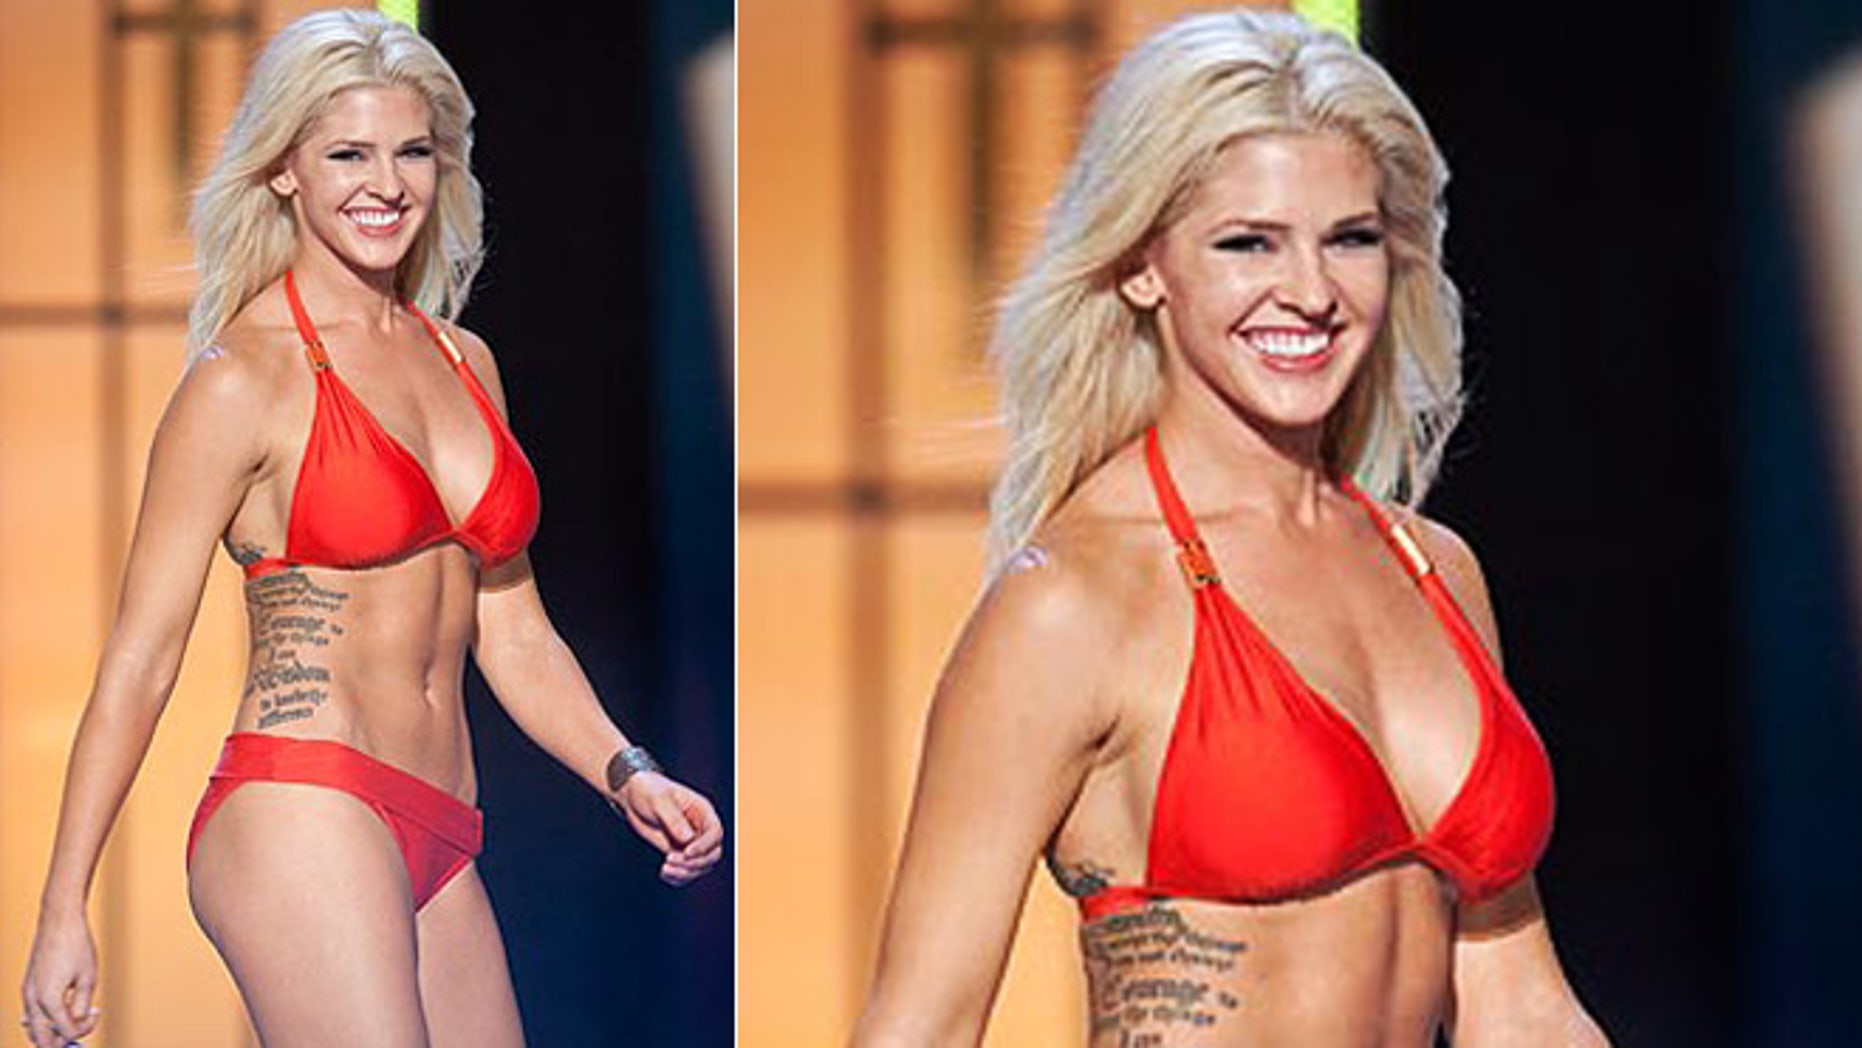 Bikini April Hunter nudes (99 photos), Topless, Bikini, Twitter, butt 2006